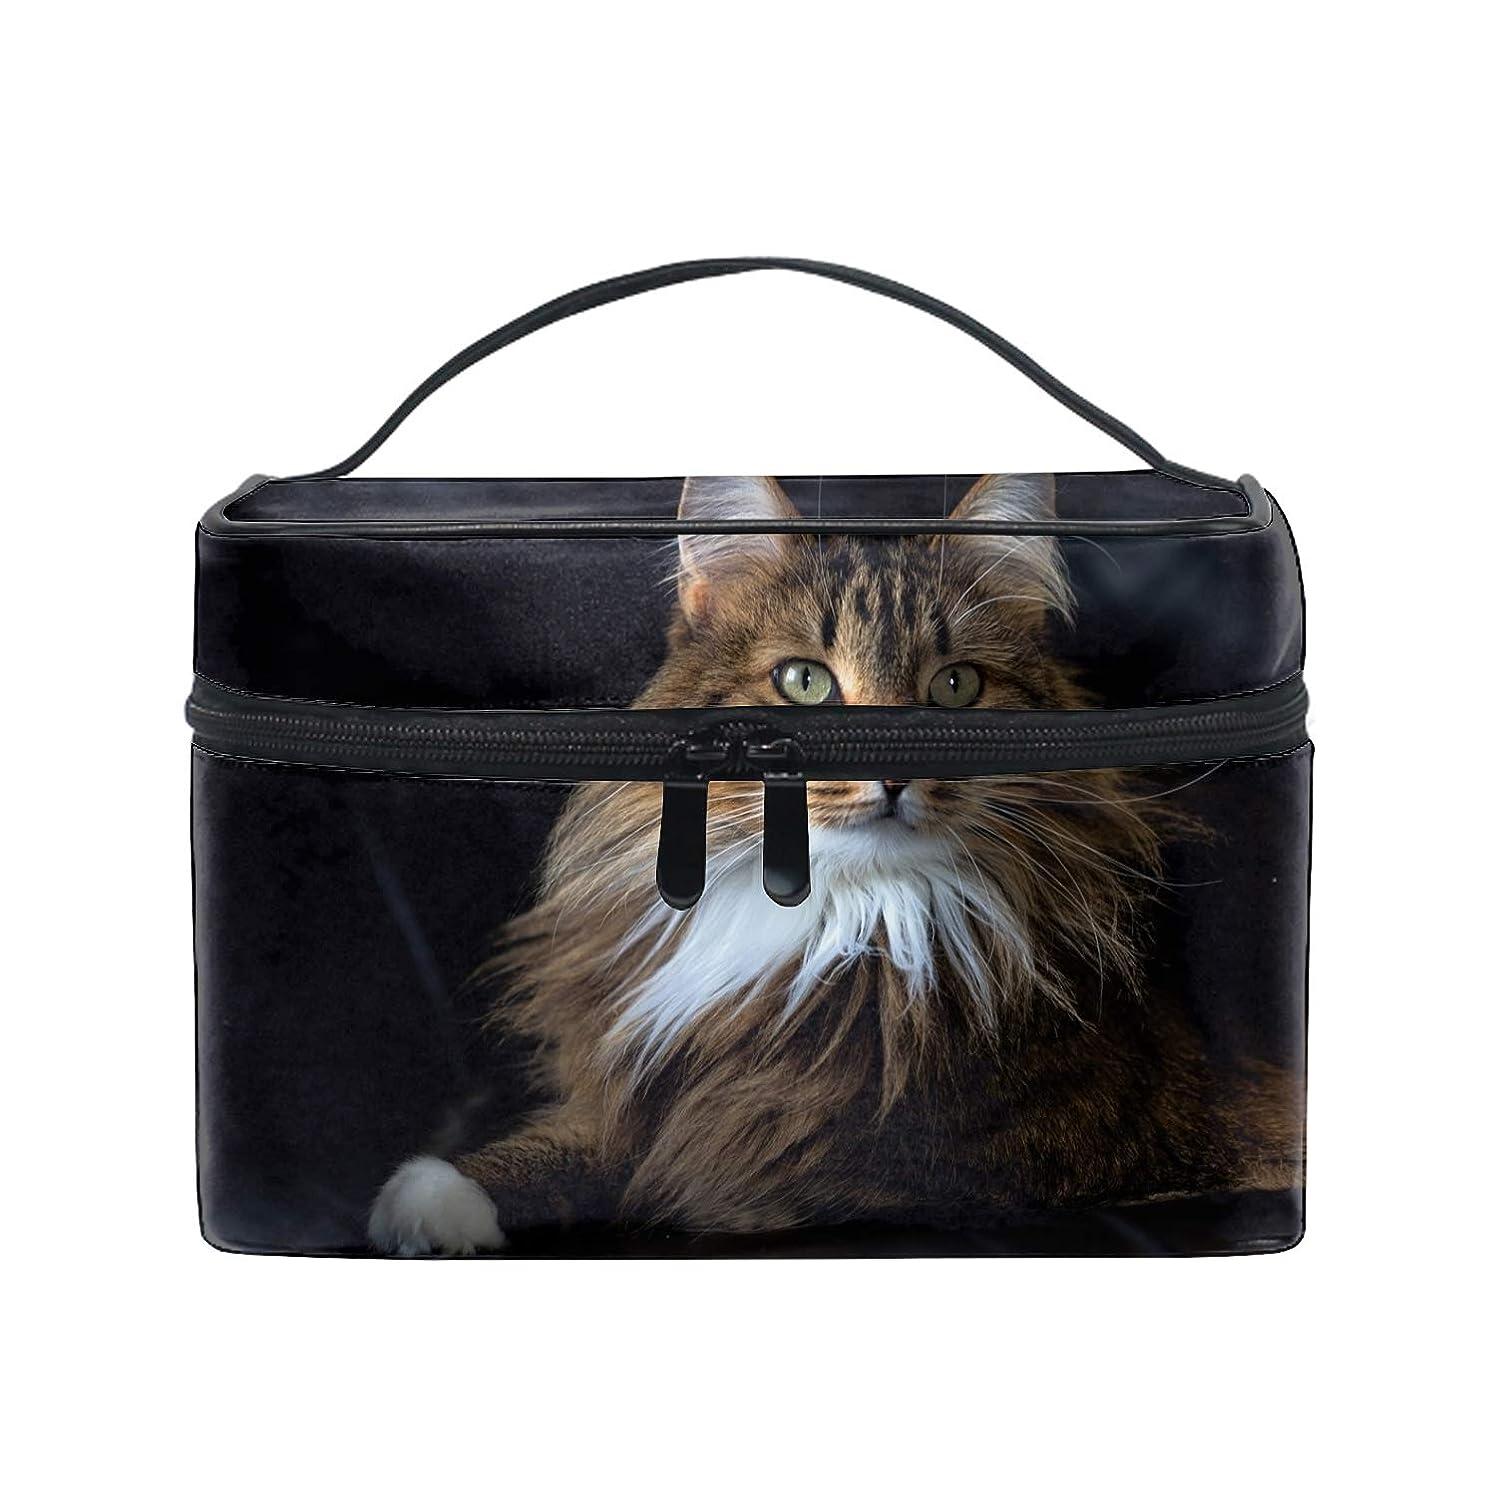 はず陰気系譜便携式メインクーンふわふわ猫ブラウンクーン メイクボックス 收納抜群 大容量 可愛い 化粧バッグ 旅行